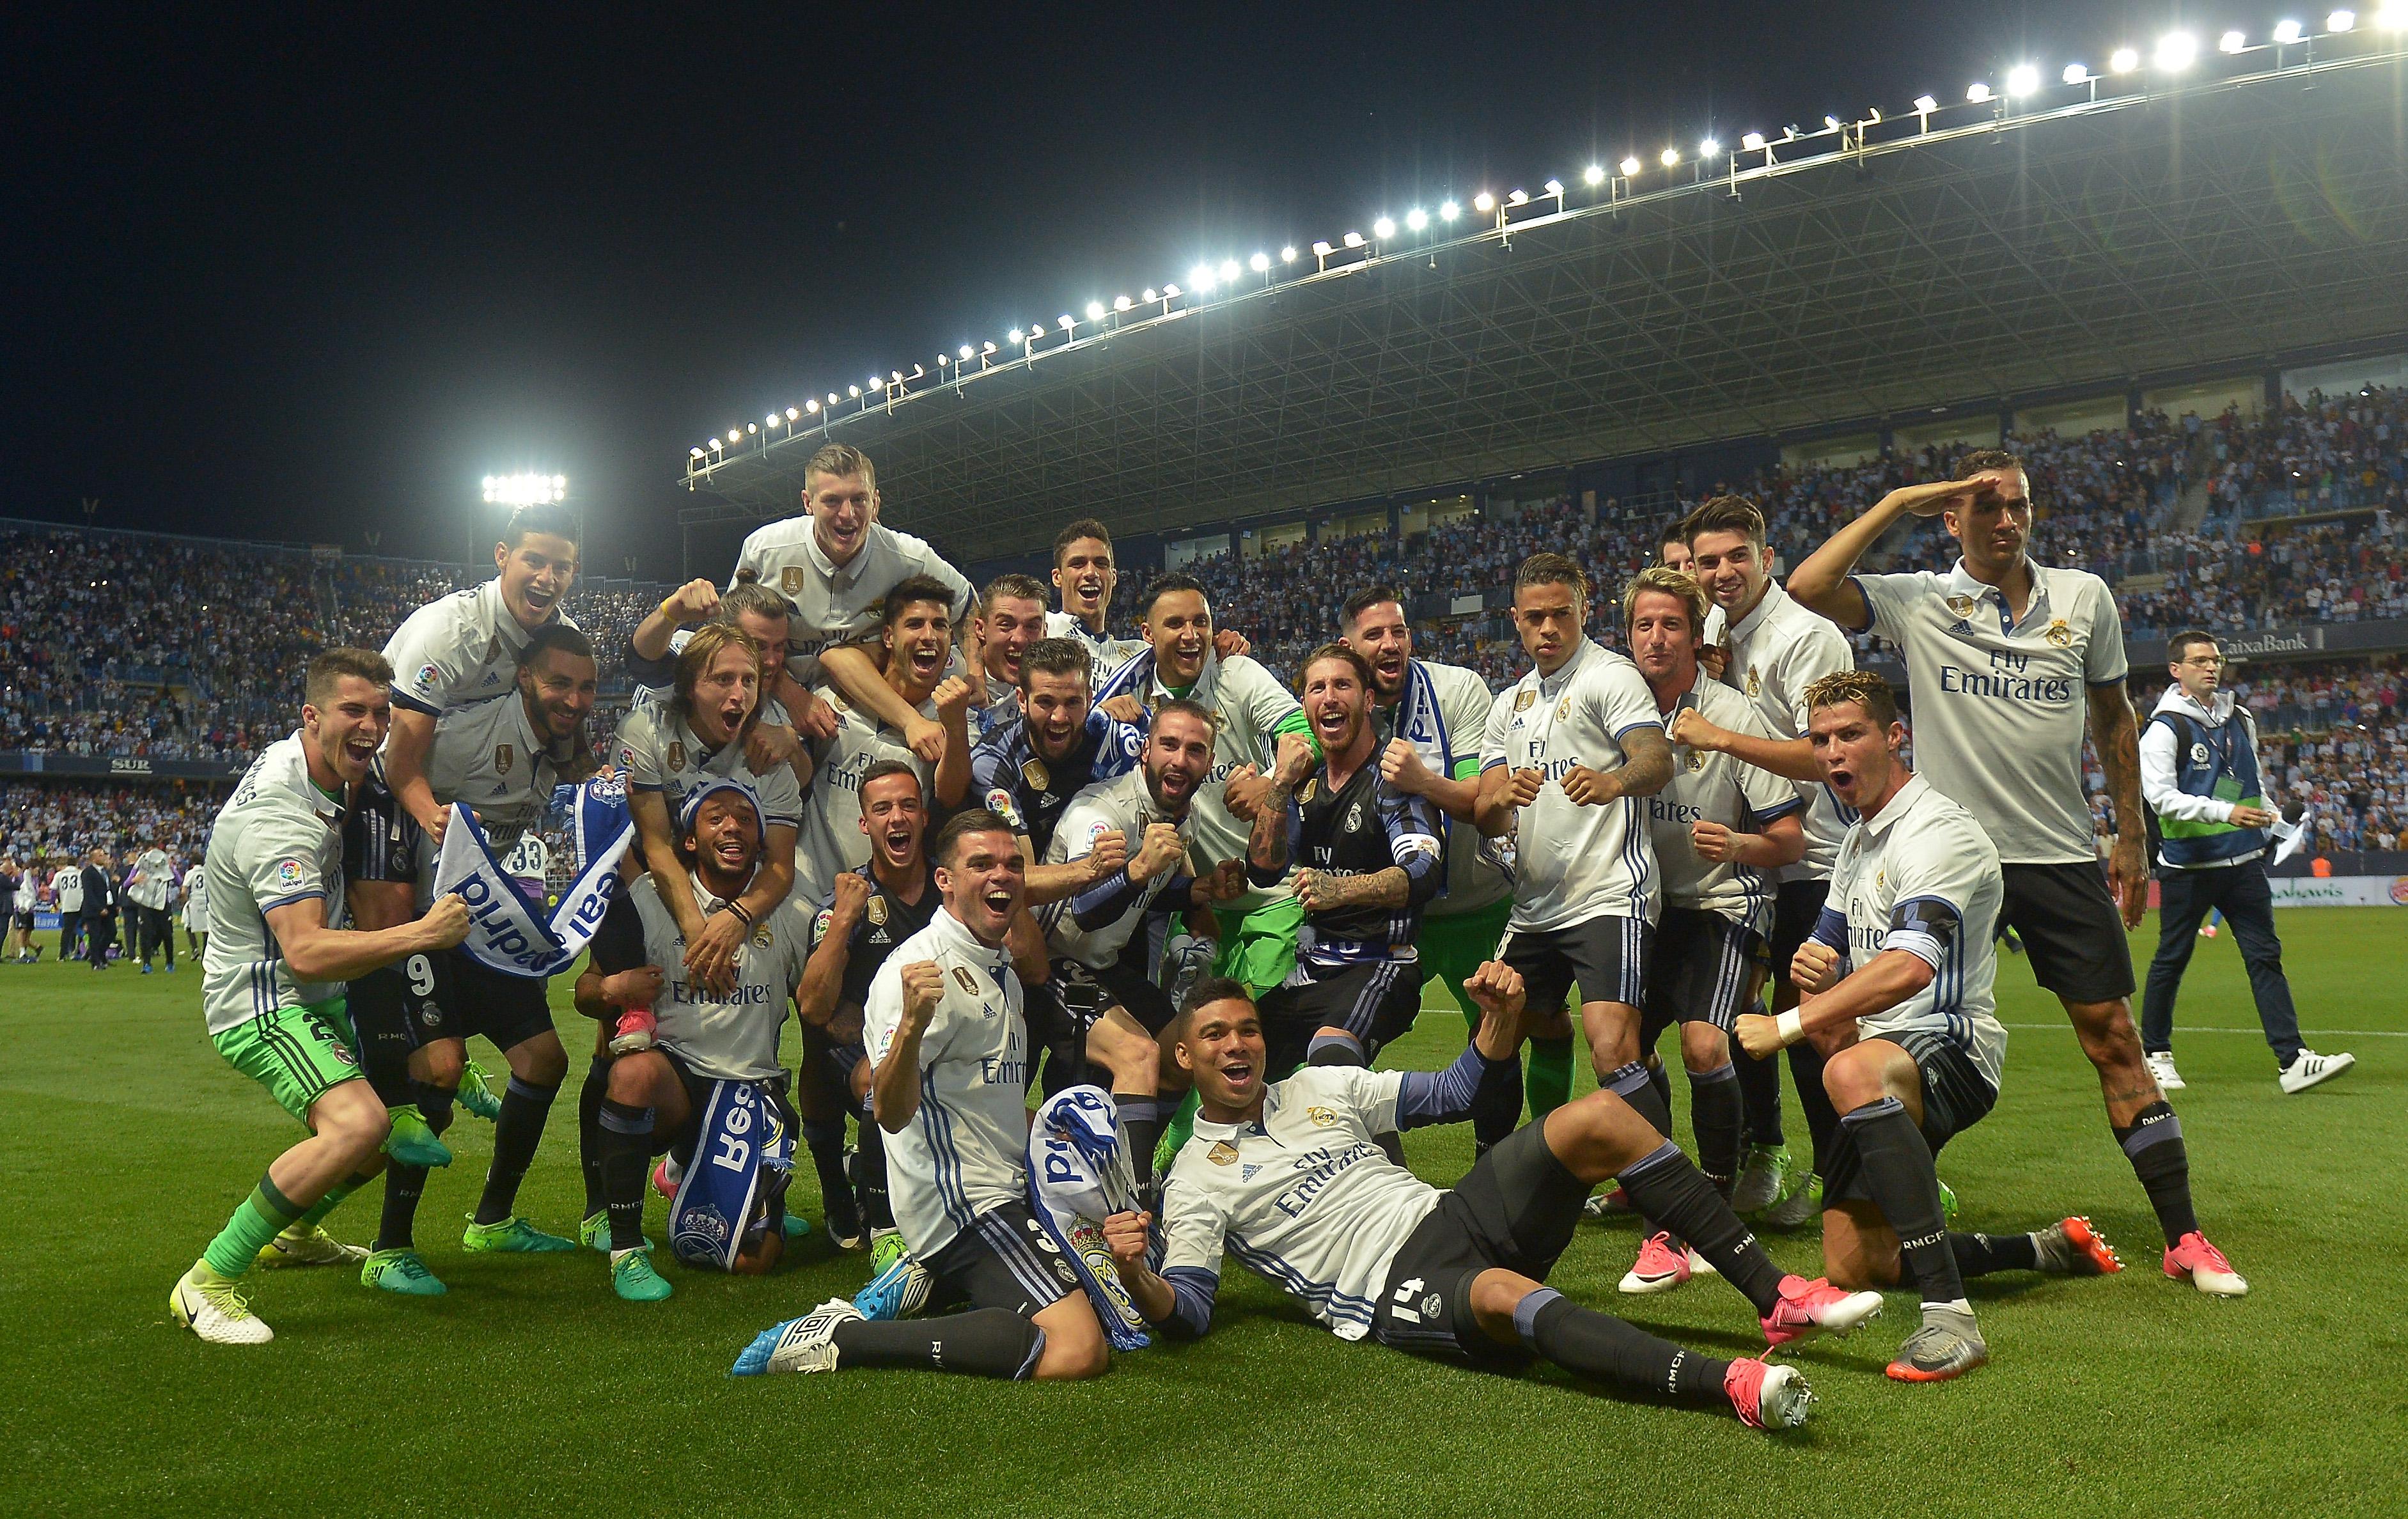 Juara La Liga 2016-17 – Real Madrid